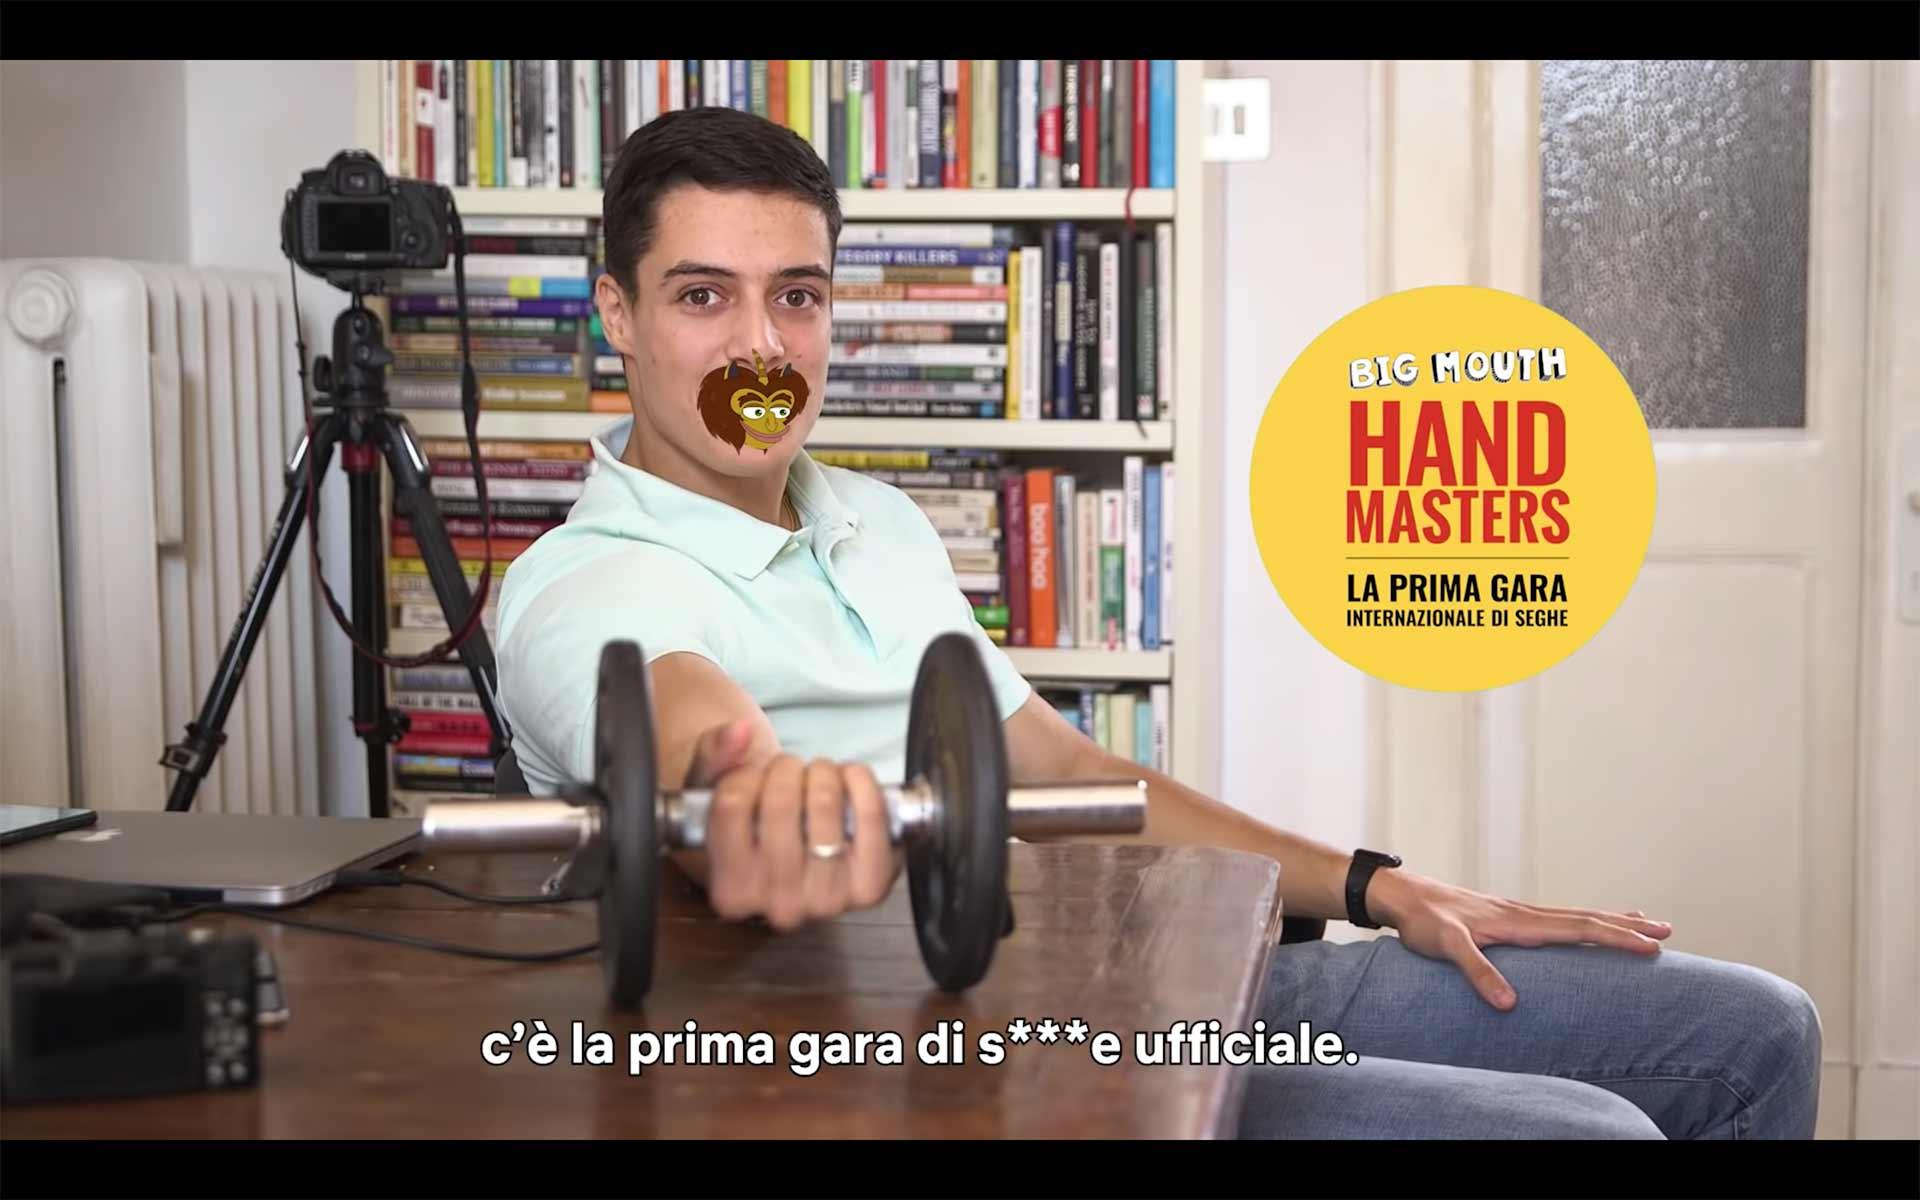 hand-masters-gioco-della-masturbazione-di-netflix-big-mouth